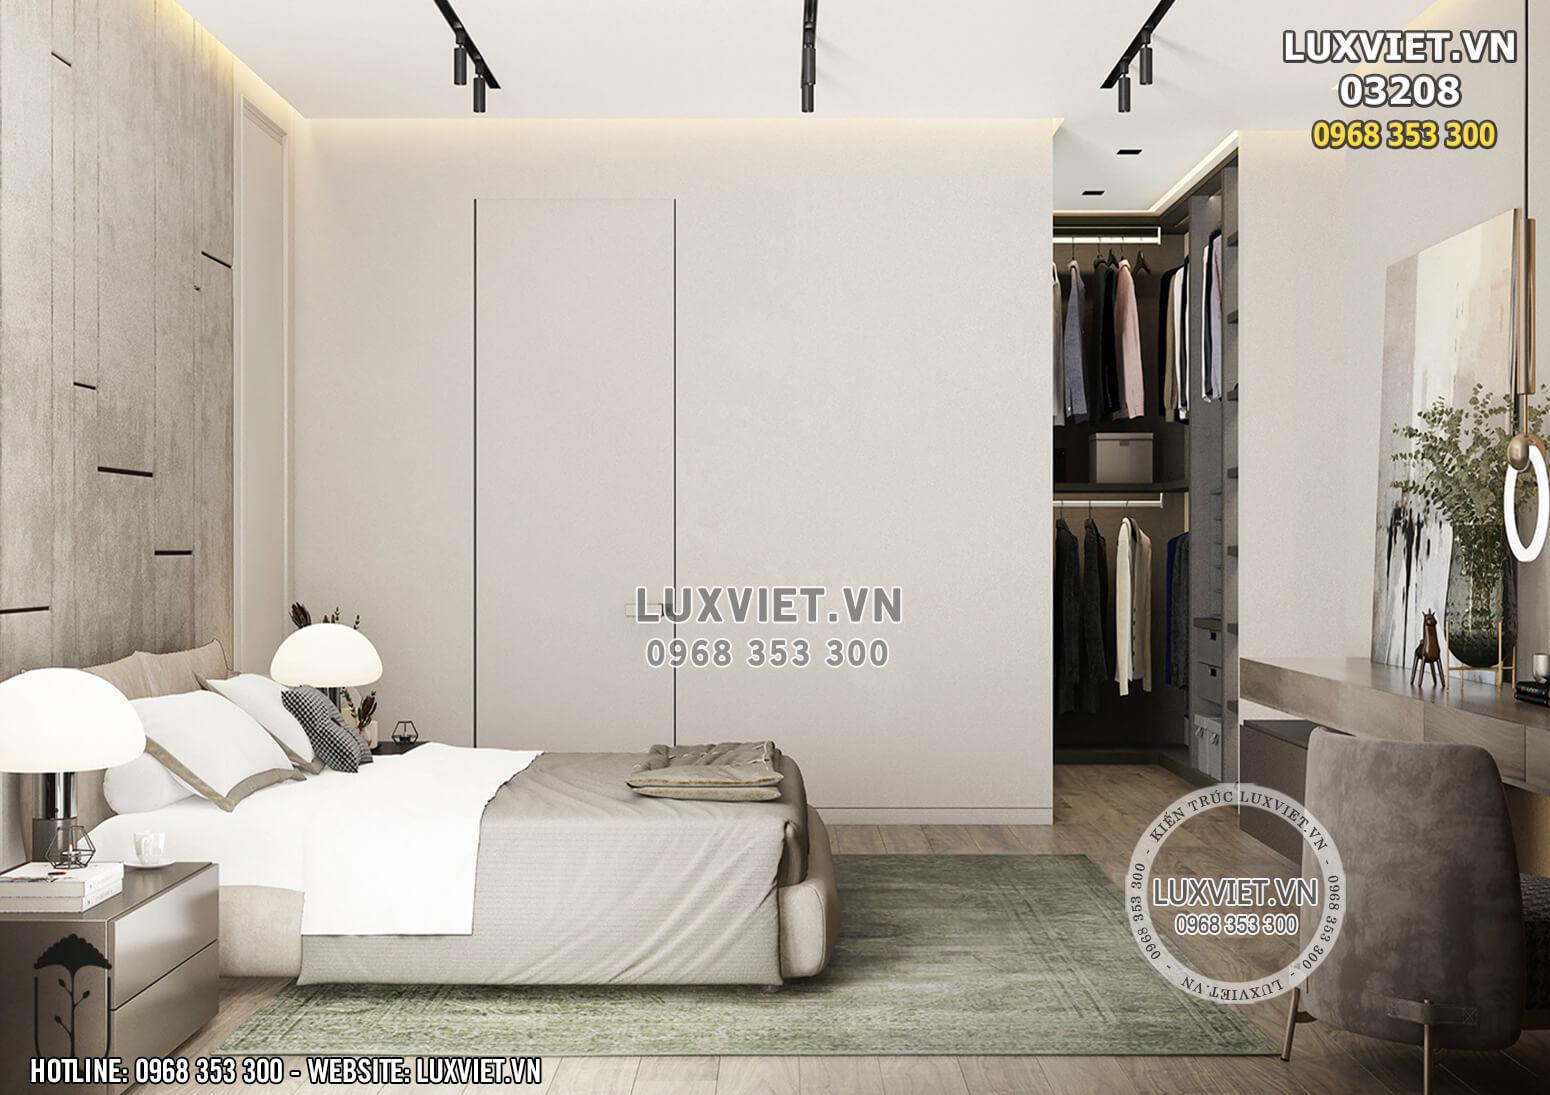 Hình ảnh: Phòng ngủ căn hộ hiện đại - LV 03208